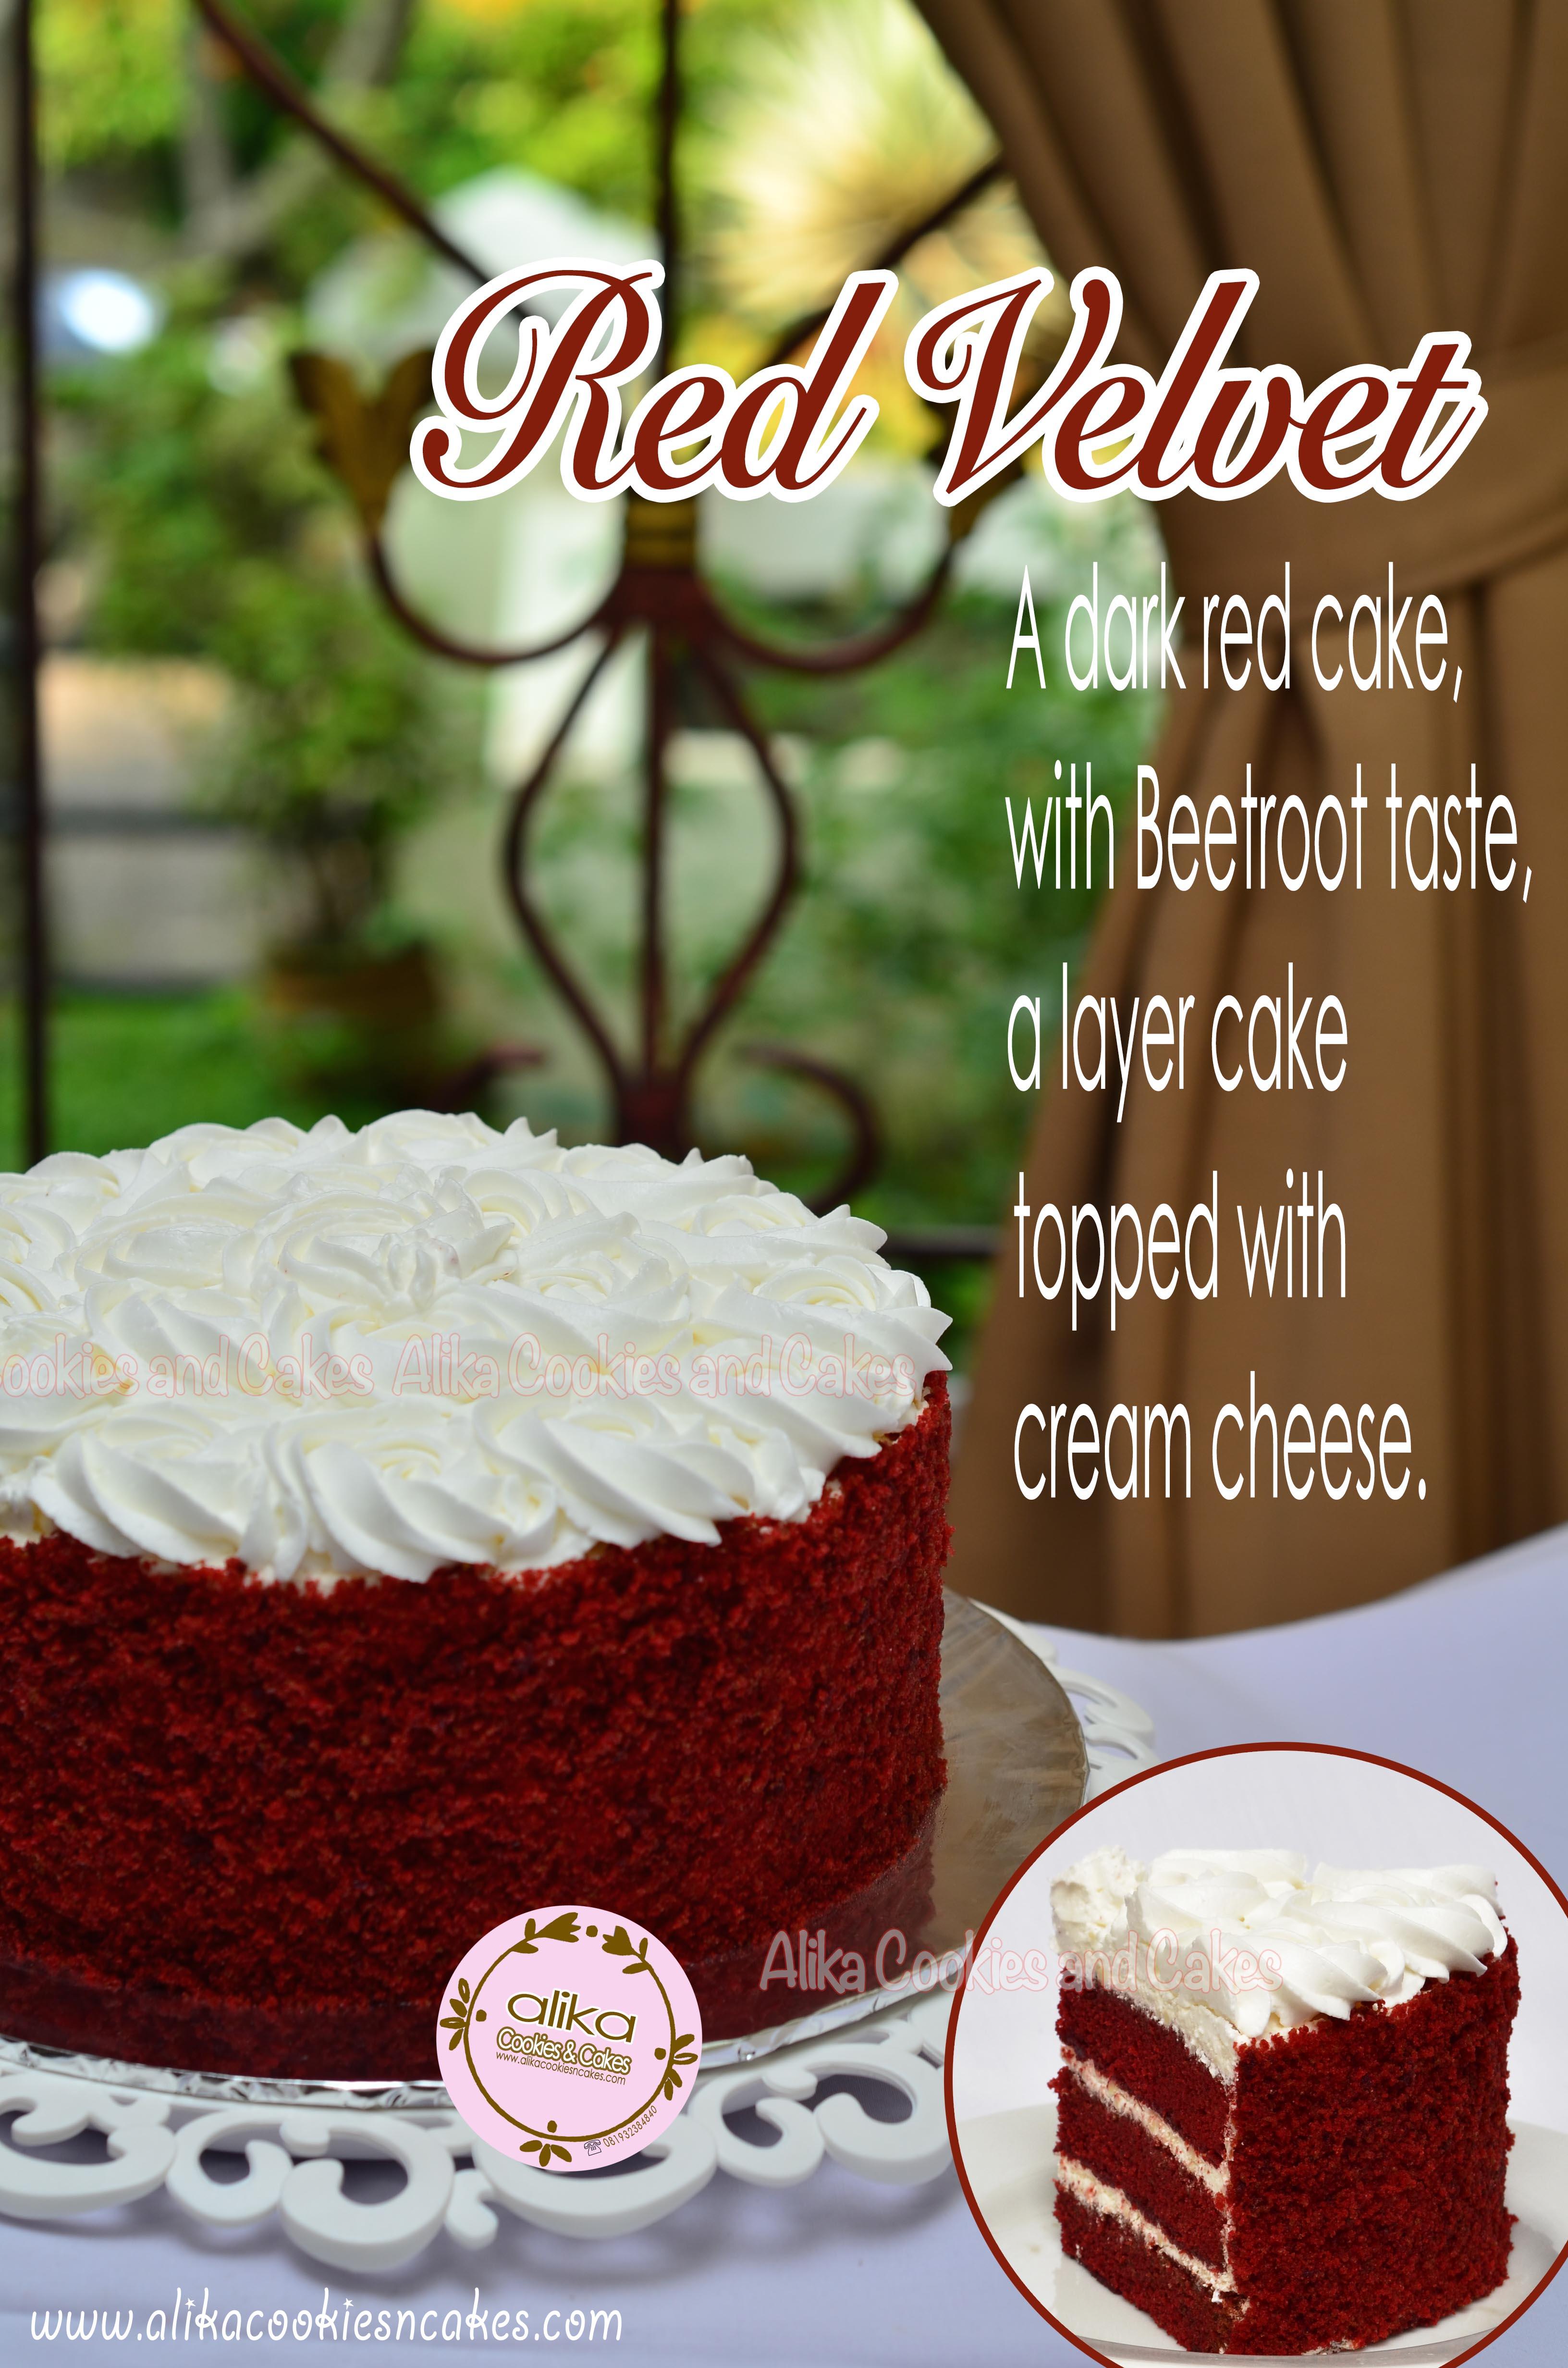 RedVelvet_cake_1